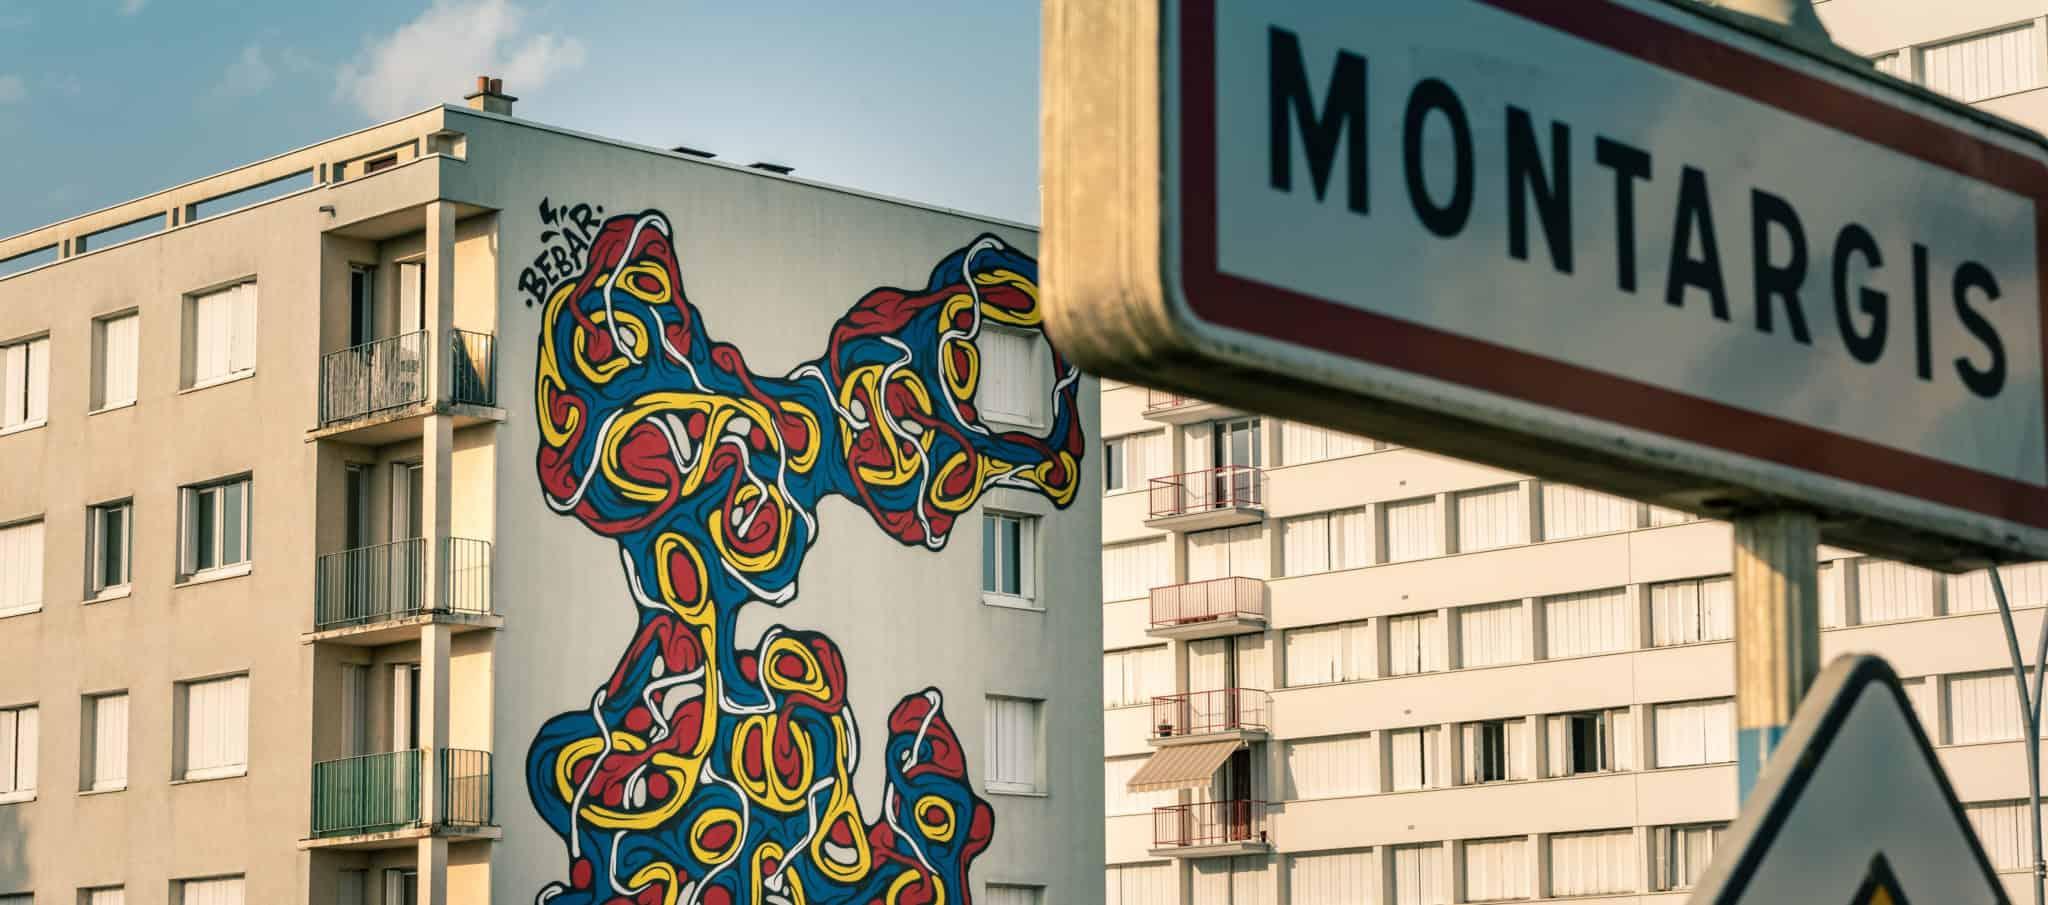 bebar Montargis